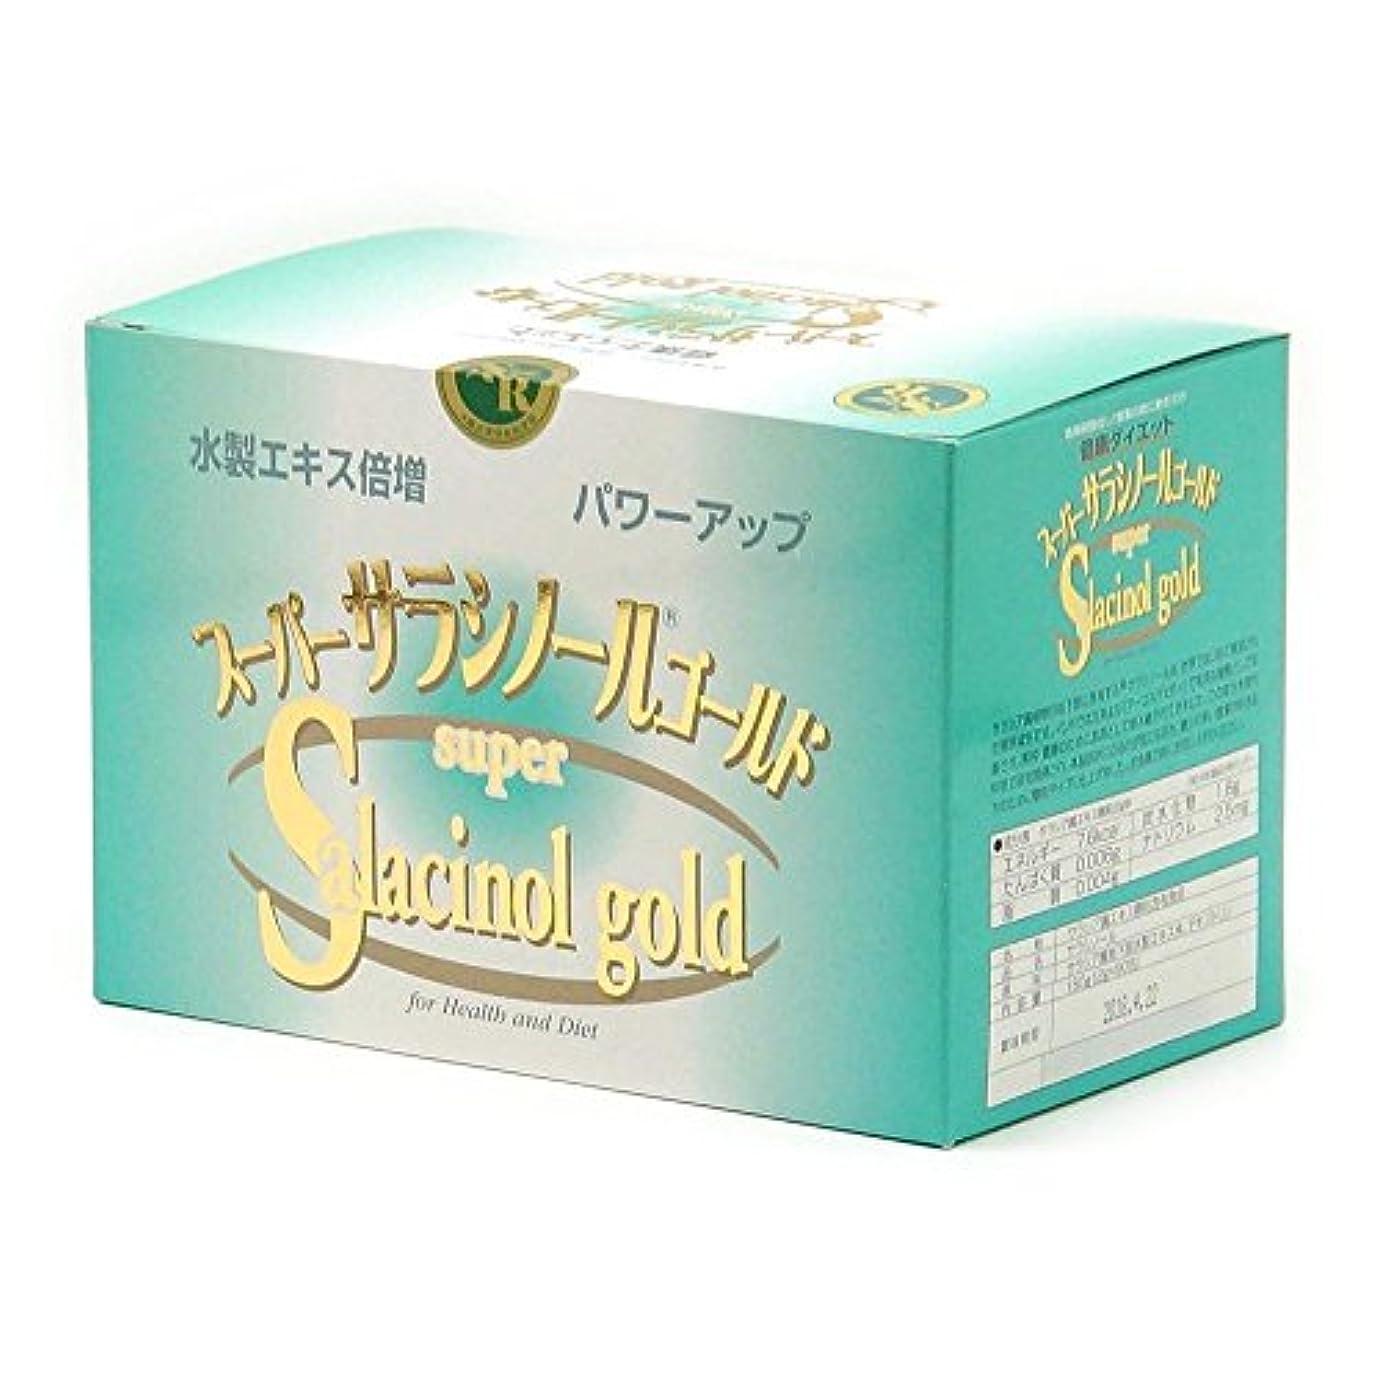 王朝温度計必要条件スーパーサラシノールゴールド 2g×90包×3箱セット